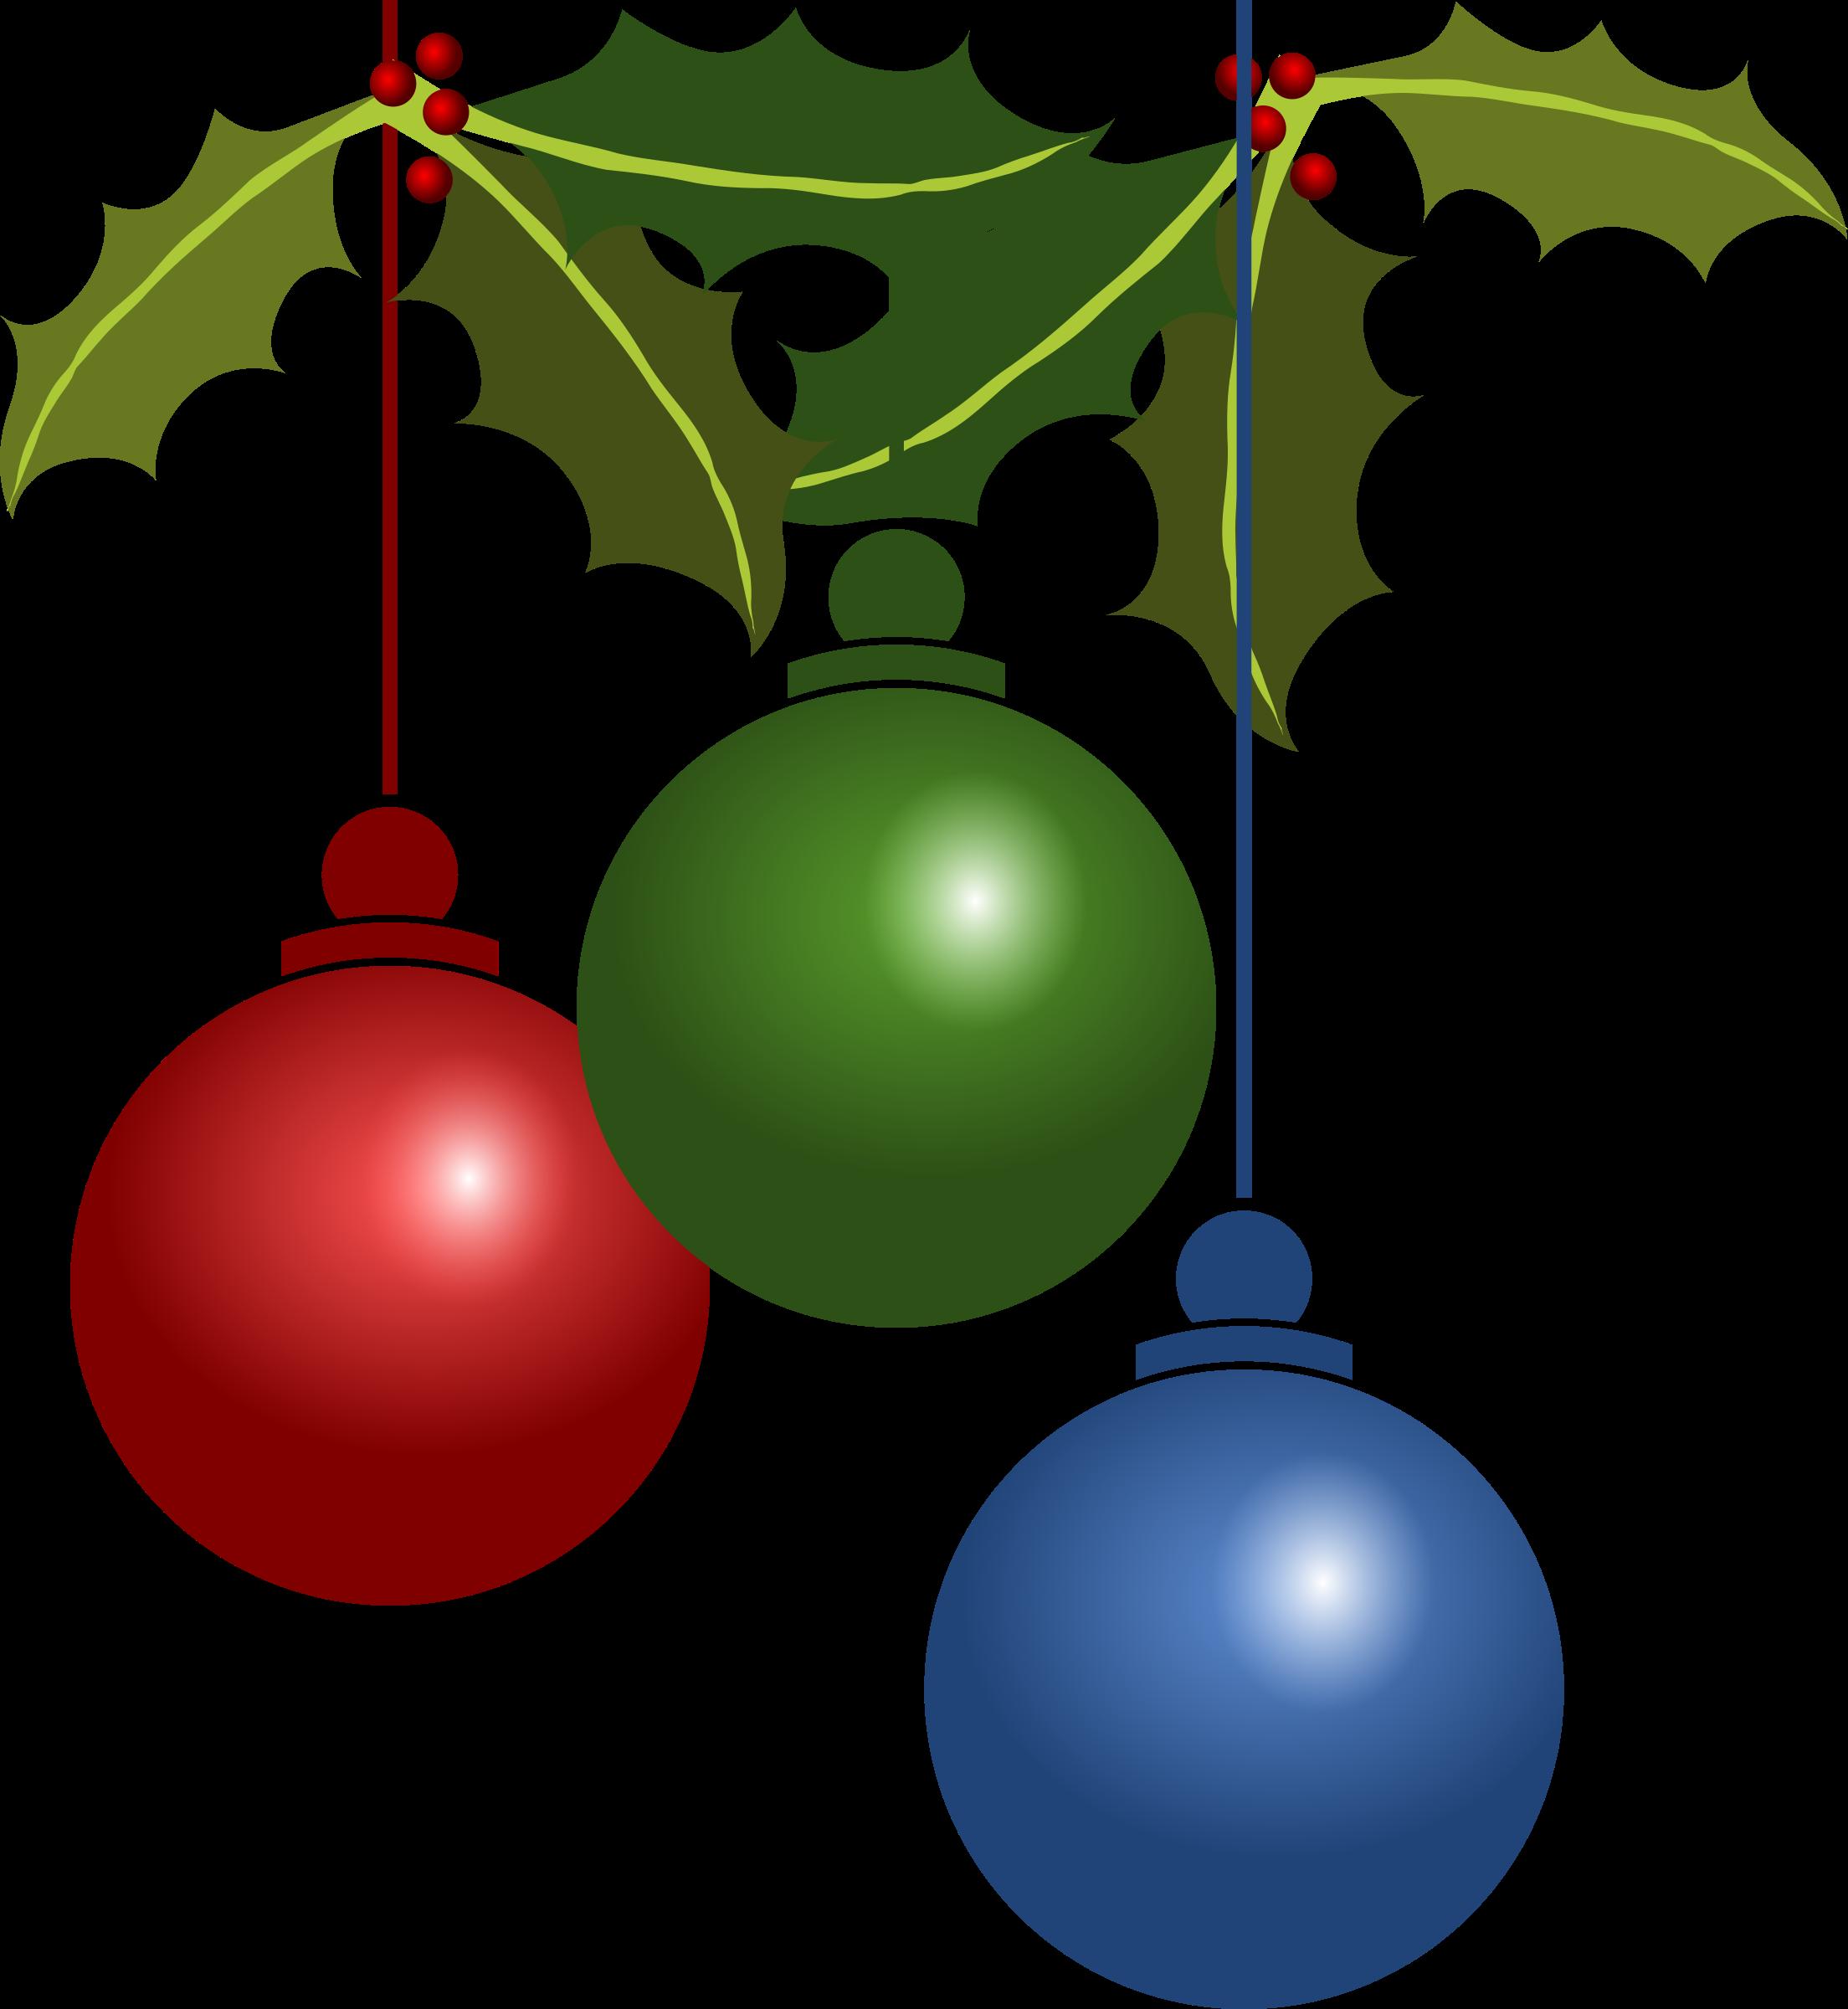 Christmas by sheikhtuhin christmas balls on openclipart christmas by christmas balls biocorpaavc